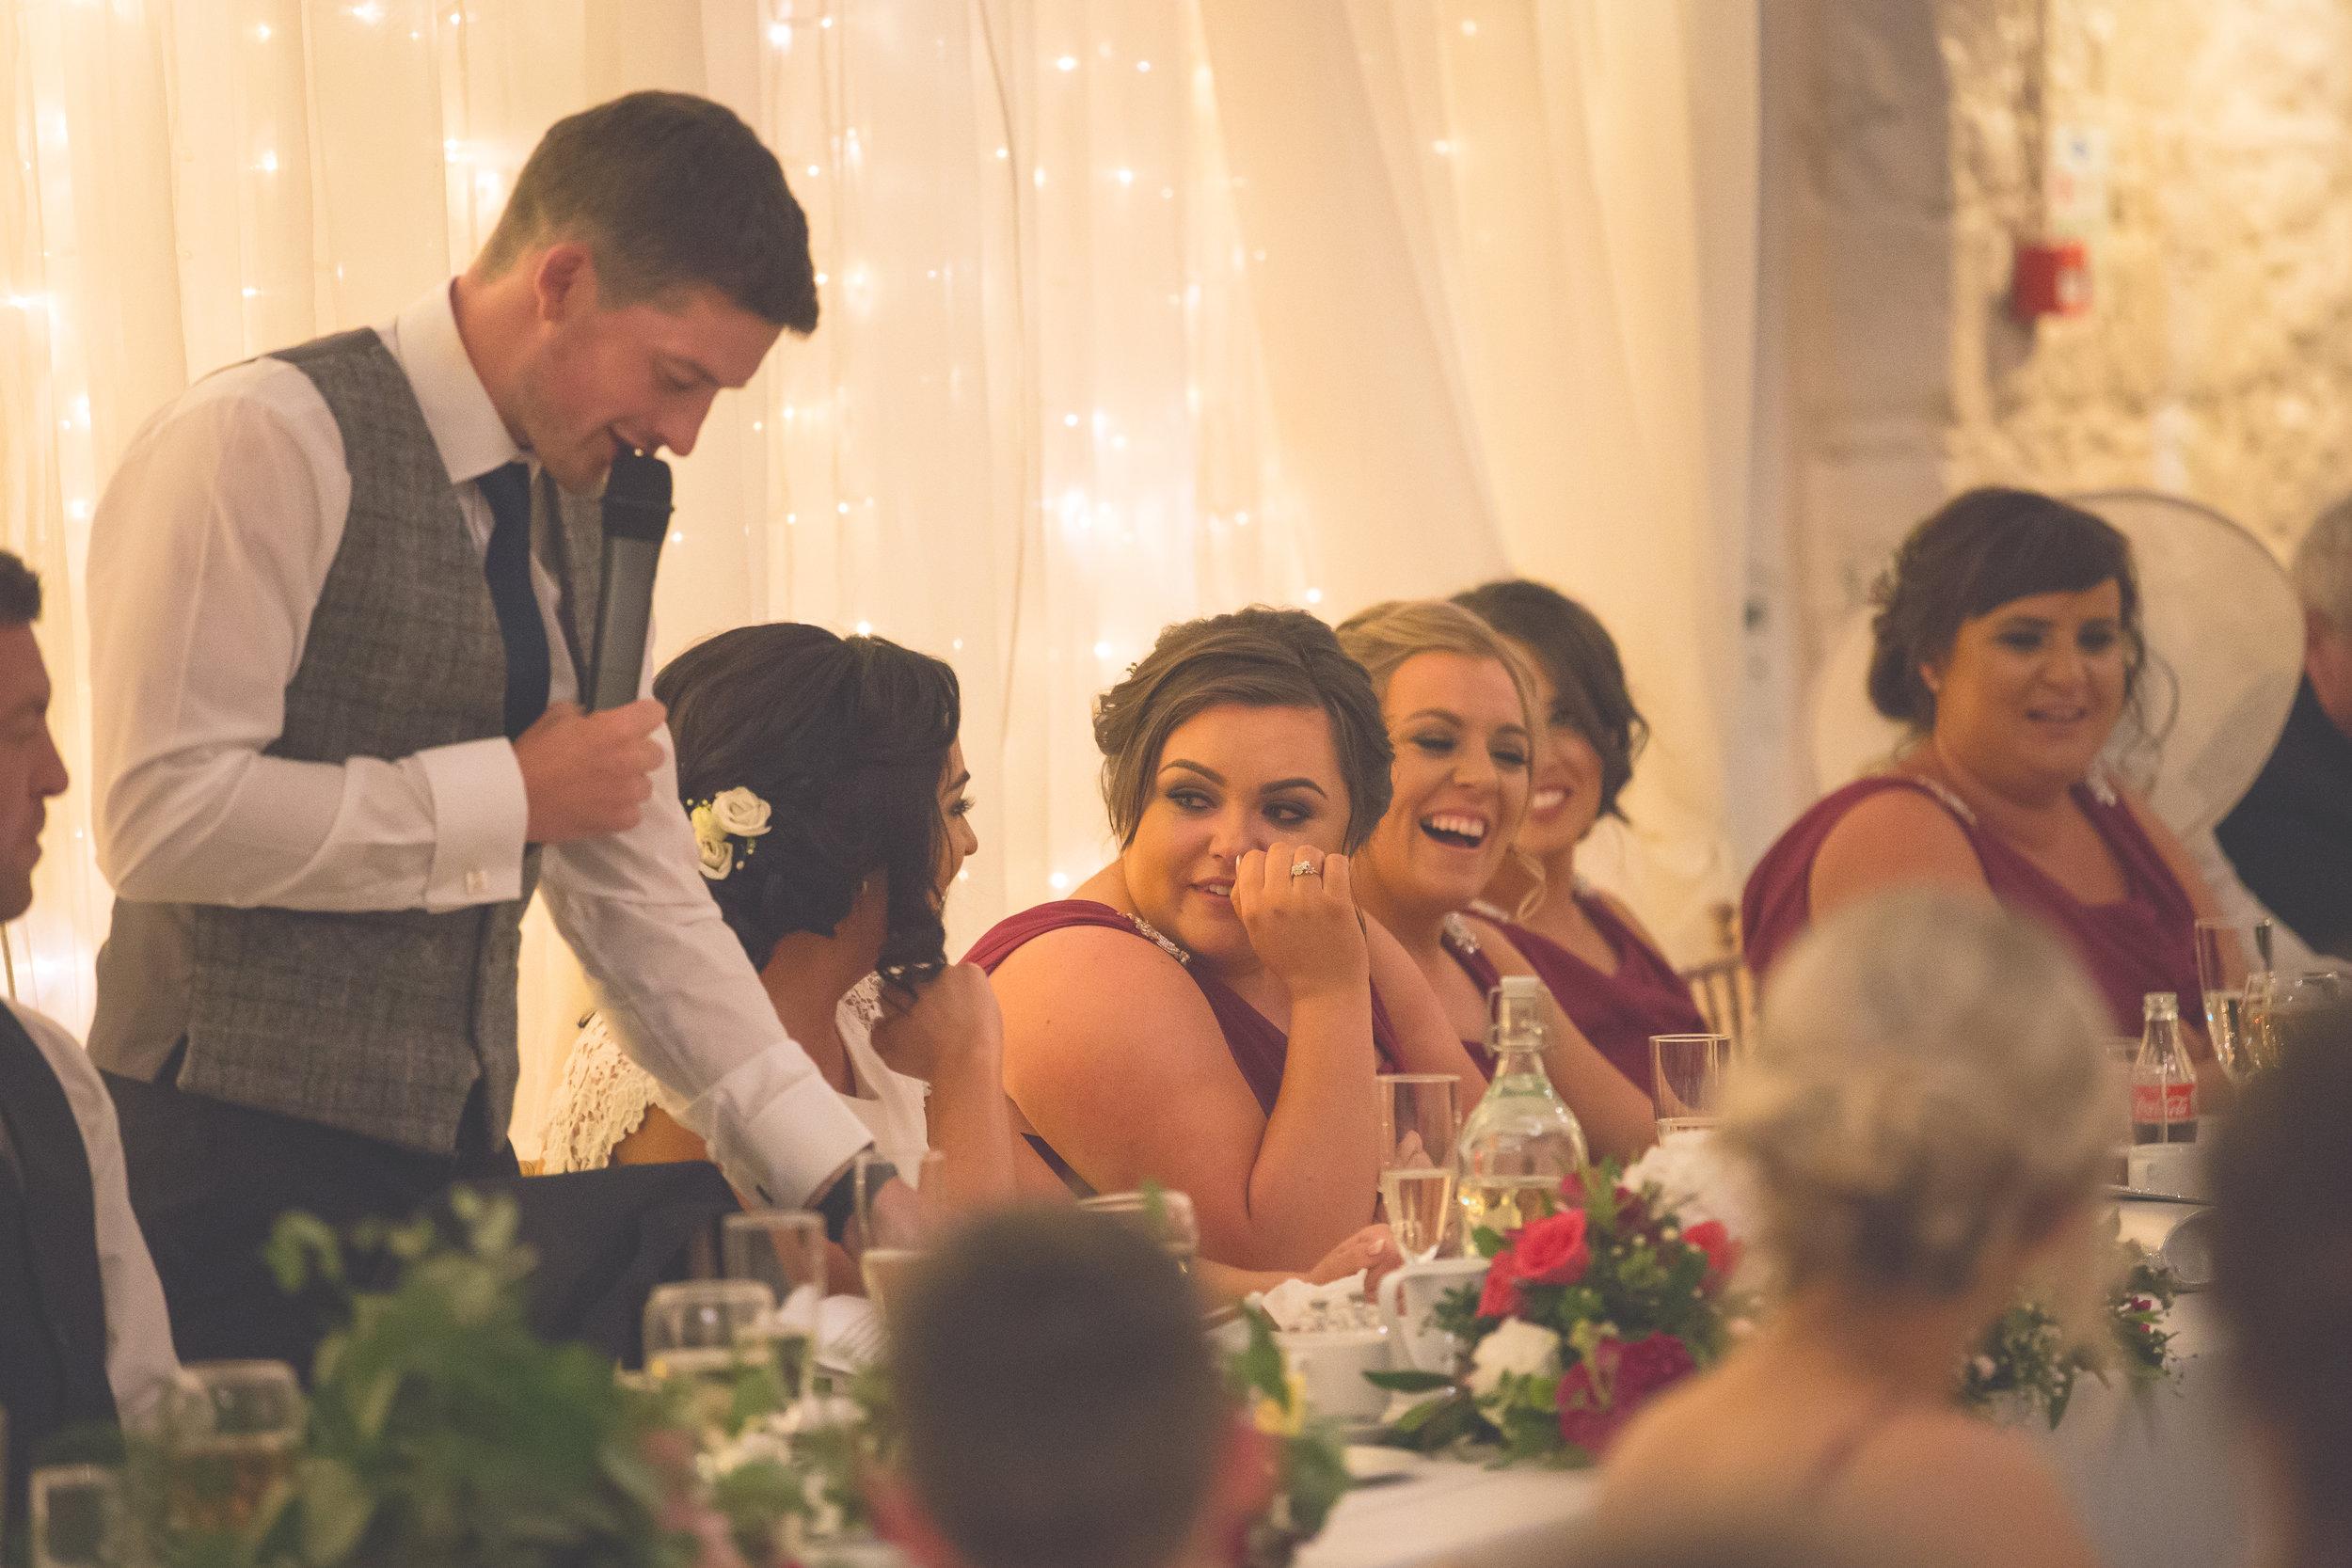 Brian McEwan Wedding Photography | Carol-Anne & Sean | The Speeches-78.jpg